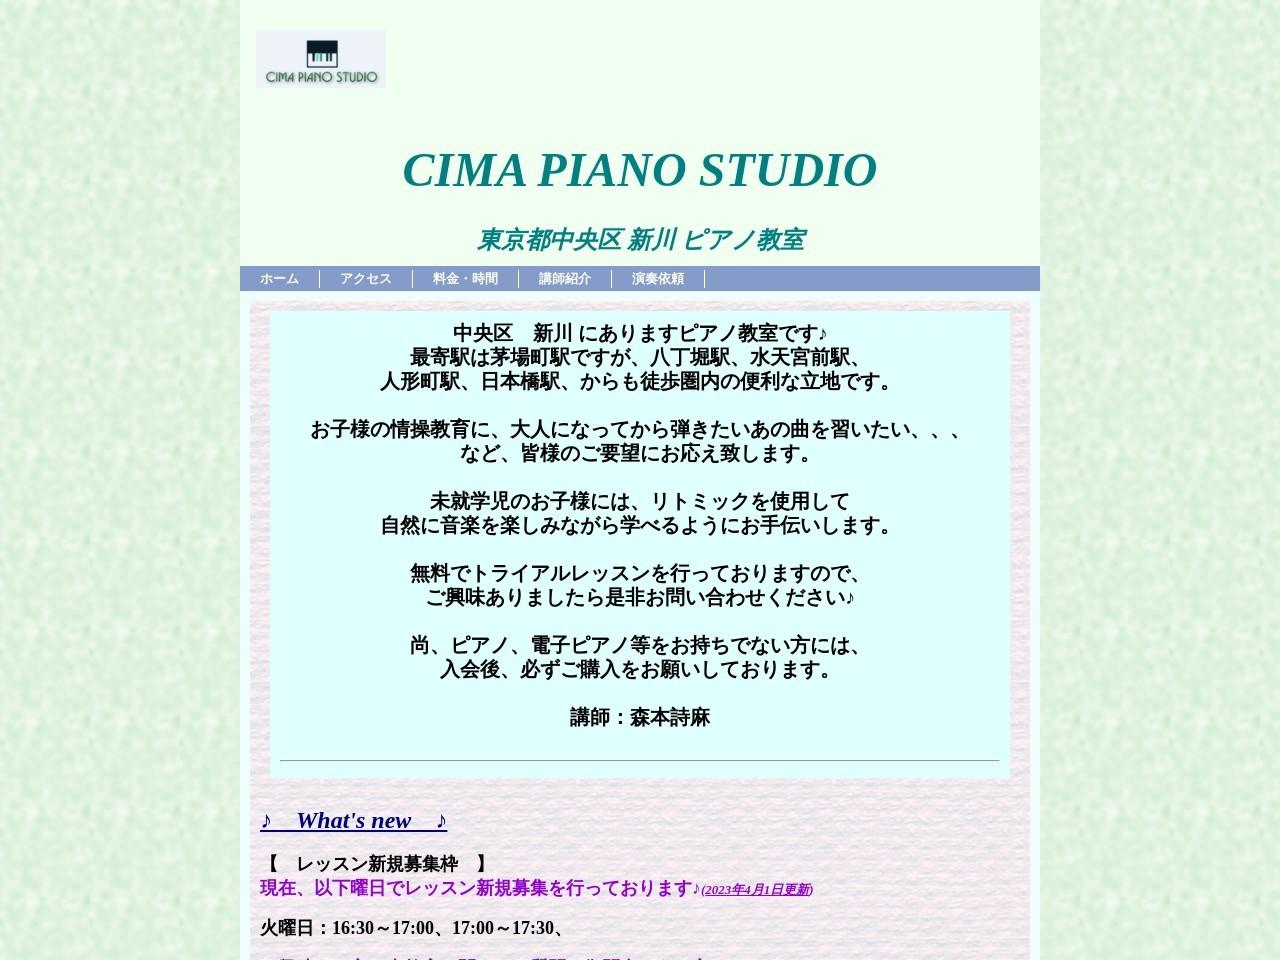 しまピアノスタジオのサムネイル